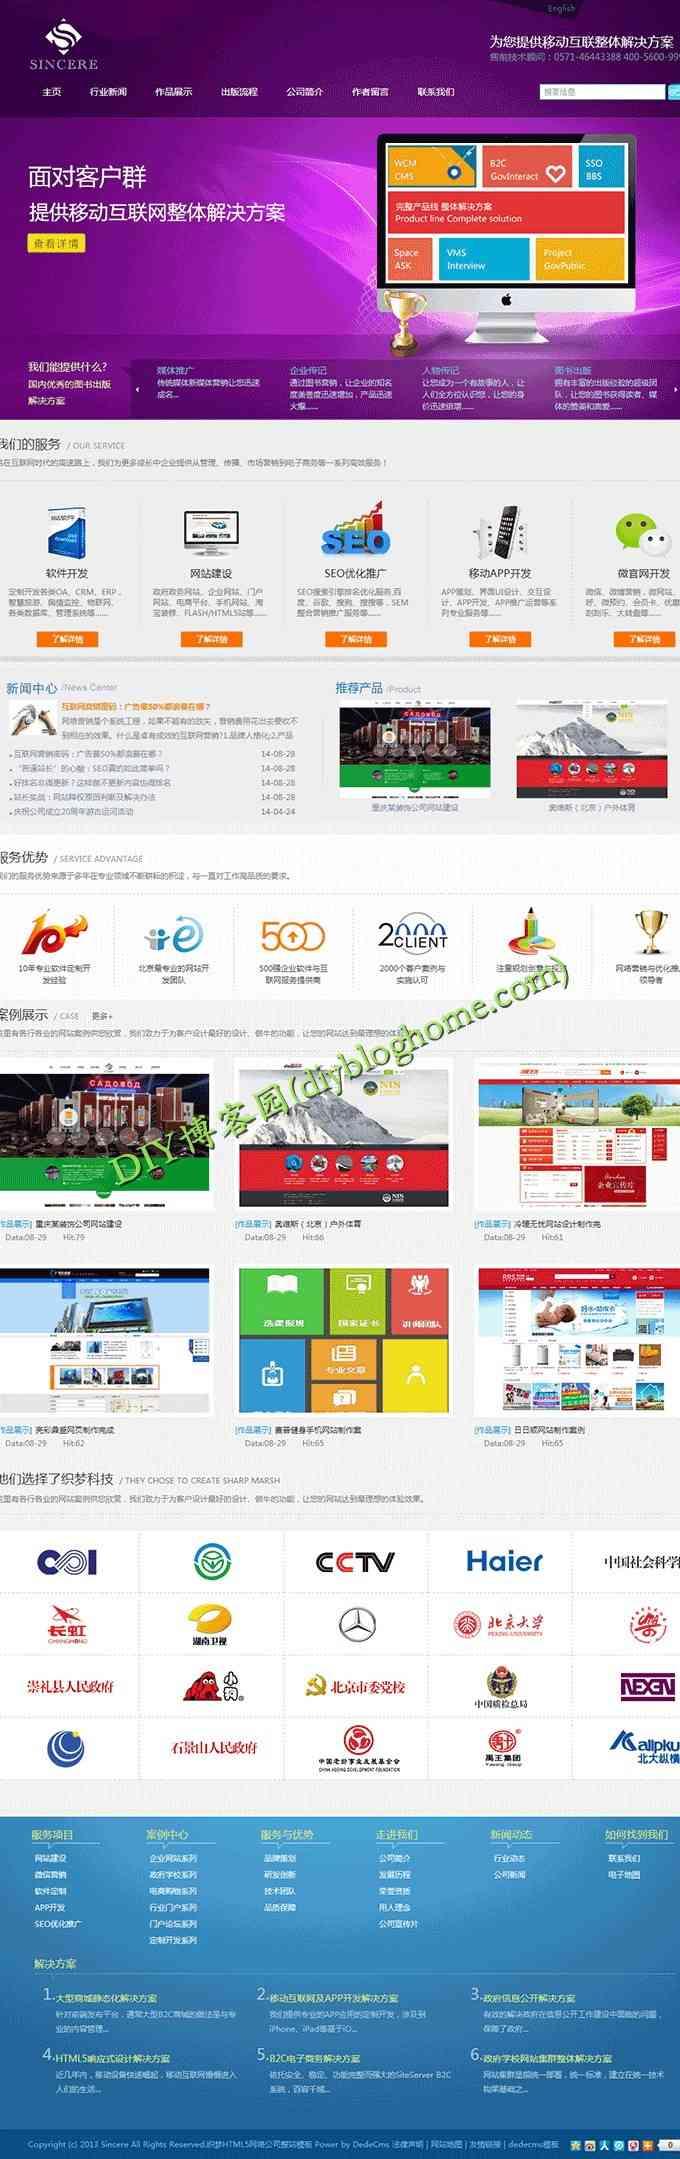 网络公司网站模板织梦源码 HTML5网站模板